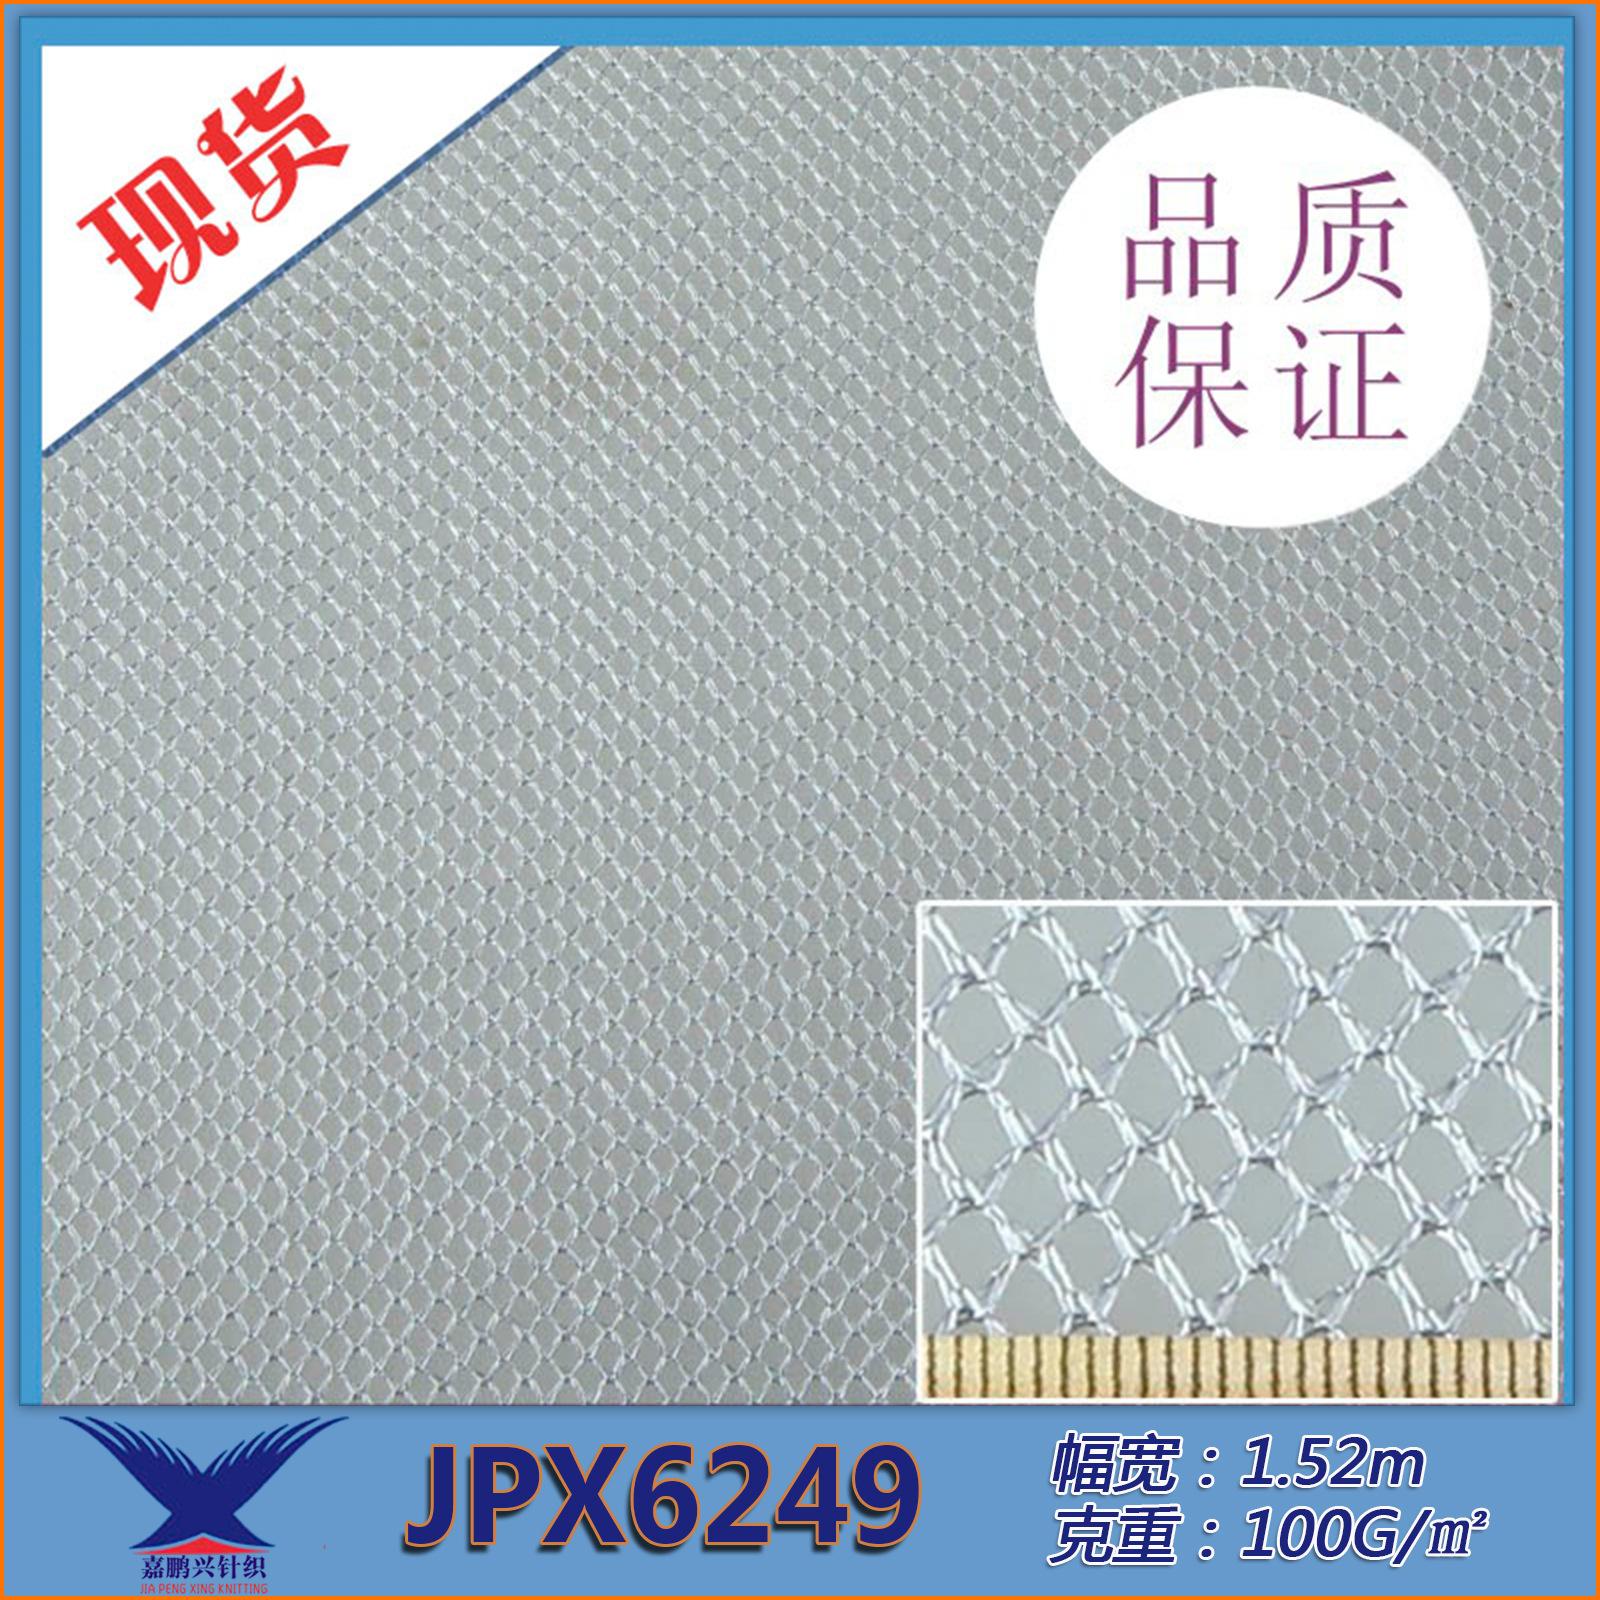 有光亮光四角网K114菱形网硬网网布鞋材箱包手袋网图片四